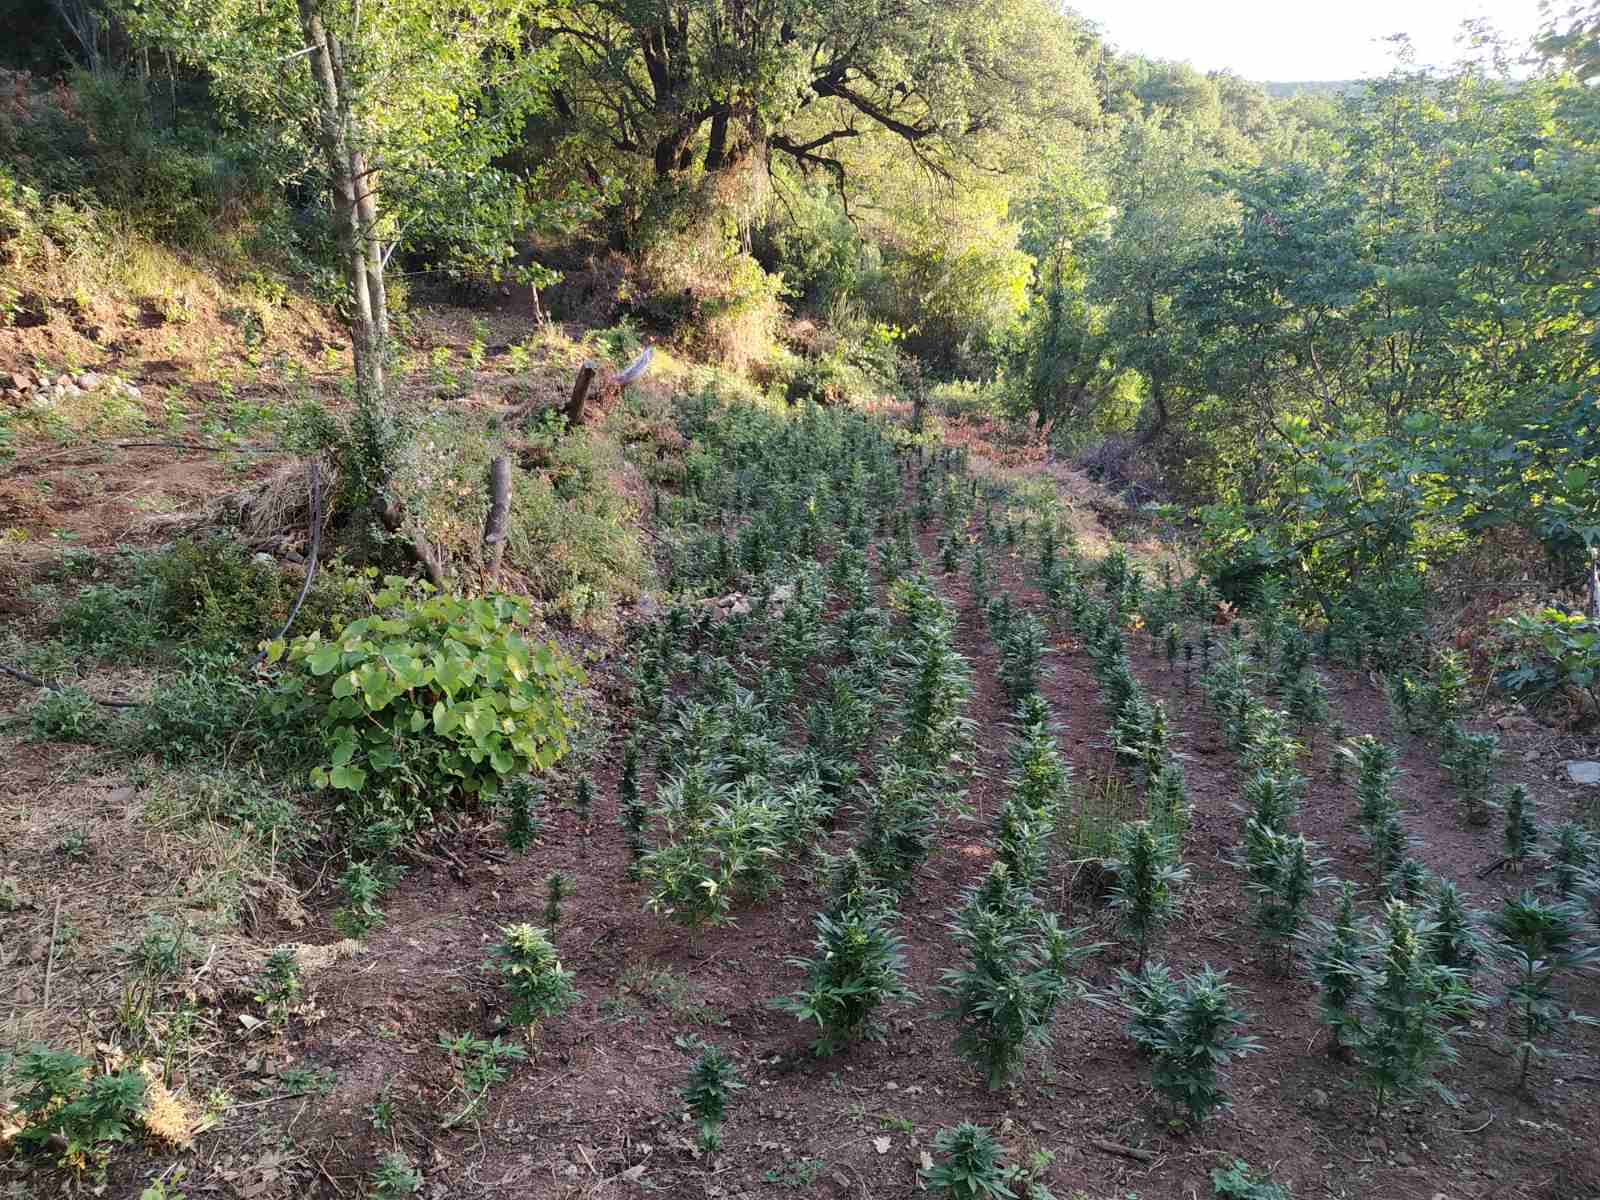 28-6-2021 Εντοπίστηκε μεγάλη οργανωμένη φυτεία κάνναβης, με (4.325) δενδρύλλια και φυτά σε δύσβατη δασική περιοχή της Ανδρίτσαινας (6)